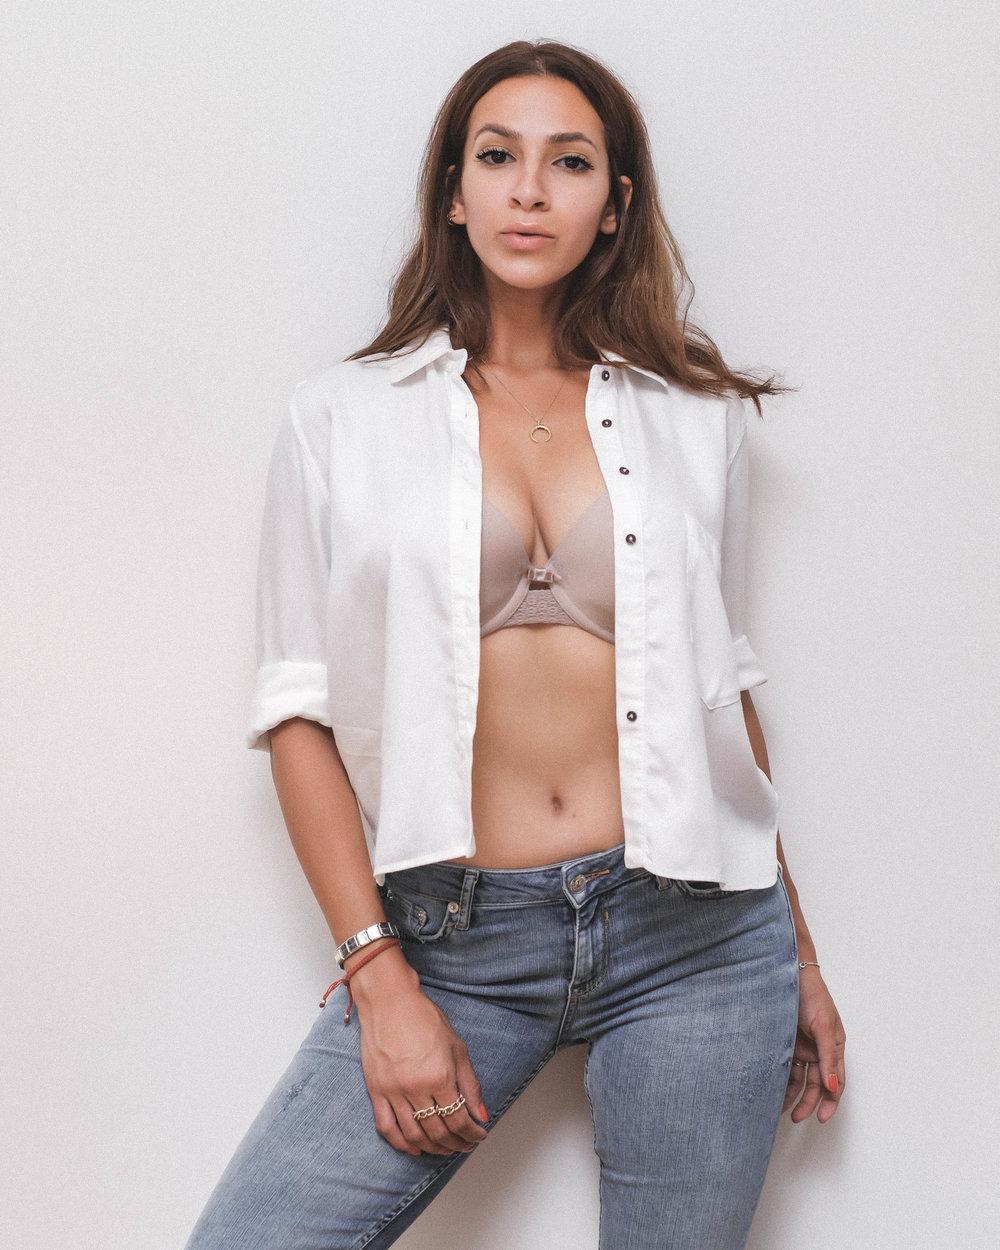 Blouse+Jeans: Zara | Bra: Triumph